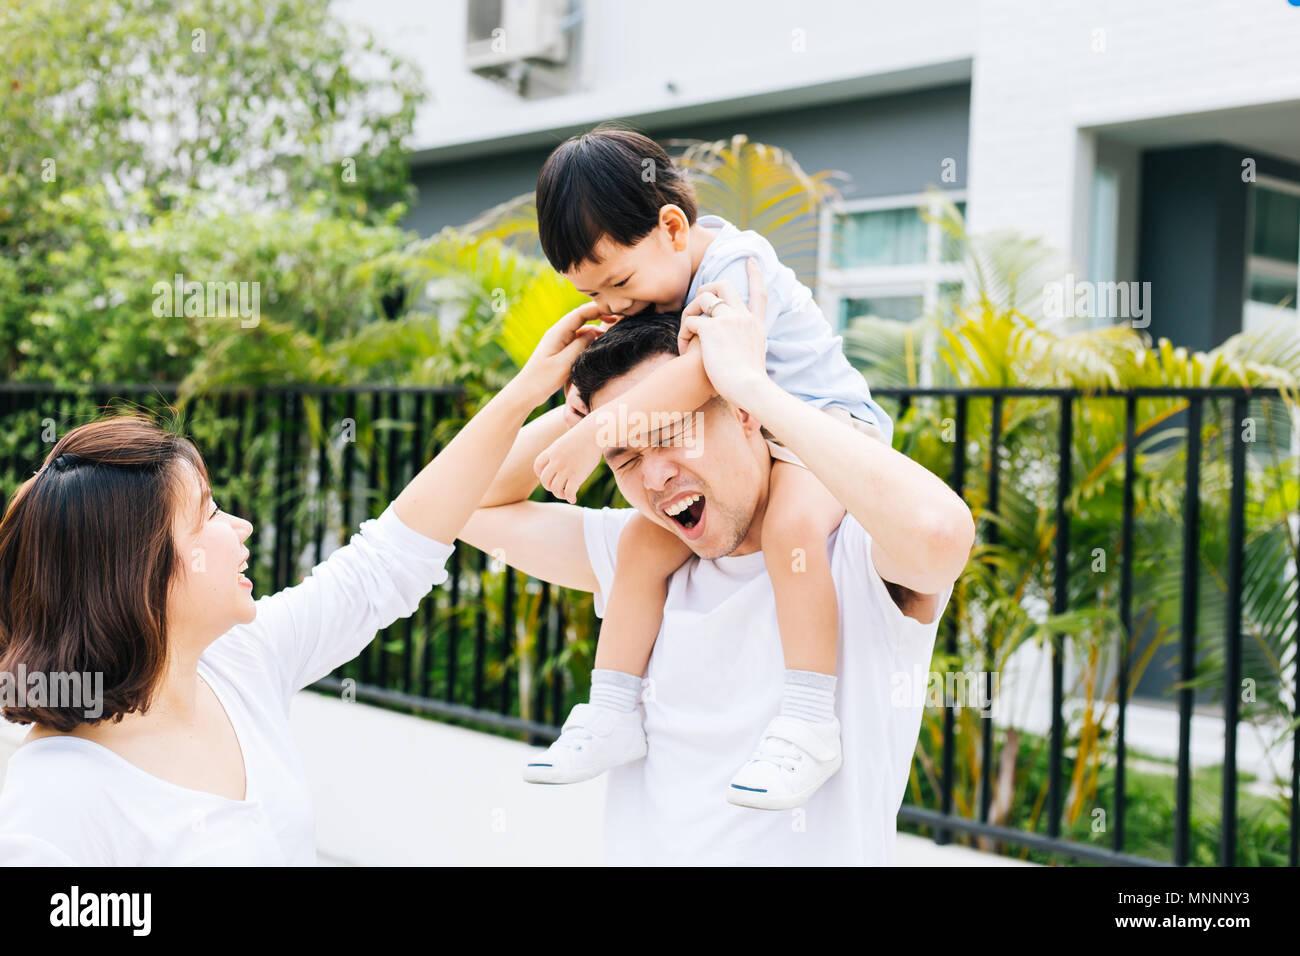 Carino padre asiatici piggybacking suo figlio insieme con sua moglie nel parco. Famiglia entusiasti di trascorrere del tempo insieme con la felicità Immagini Stock